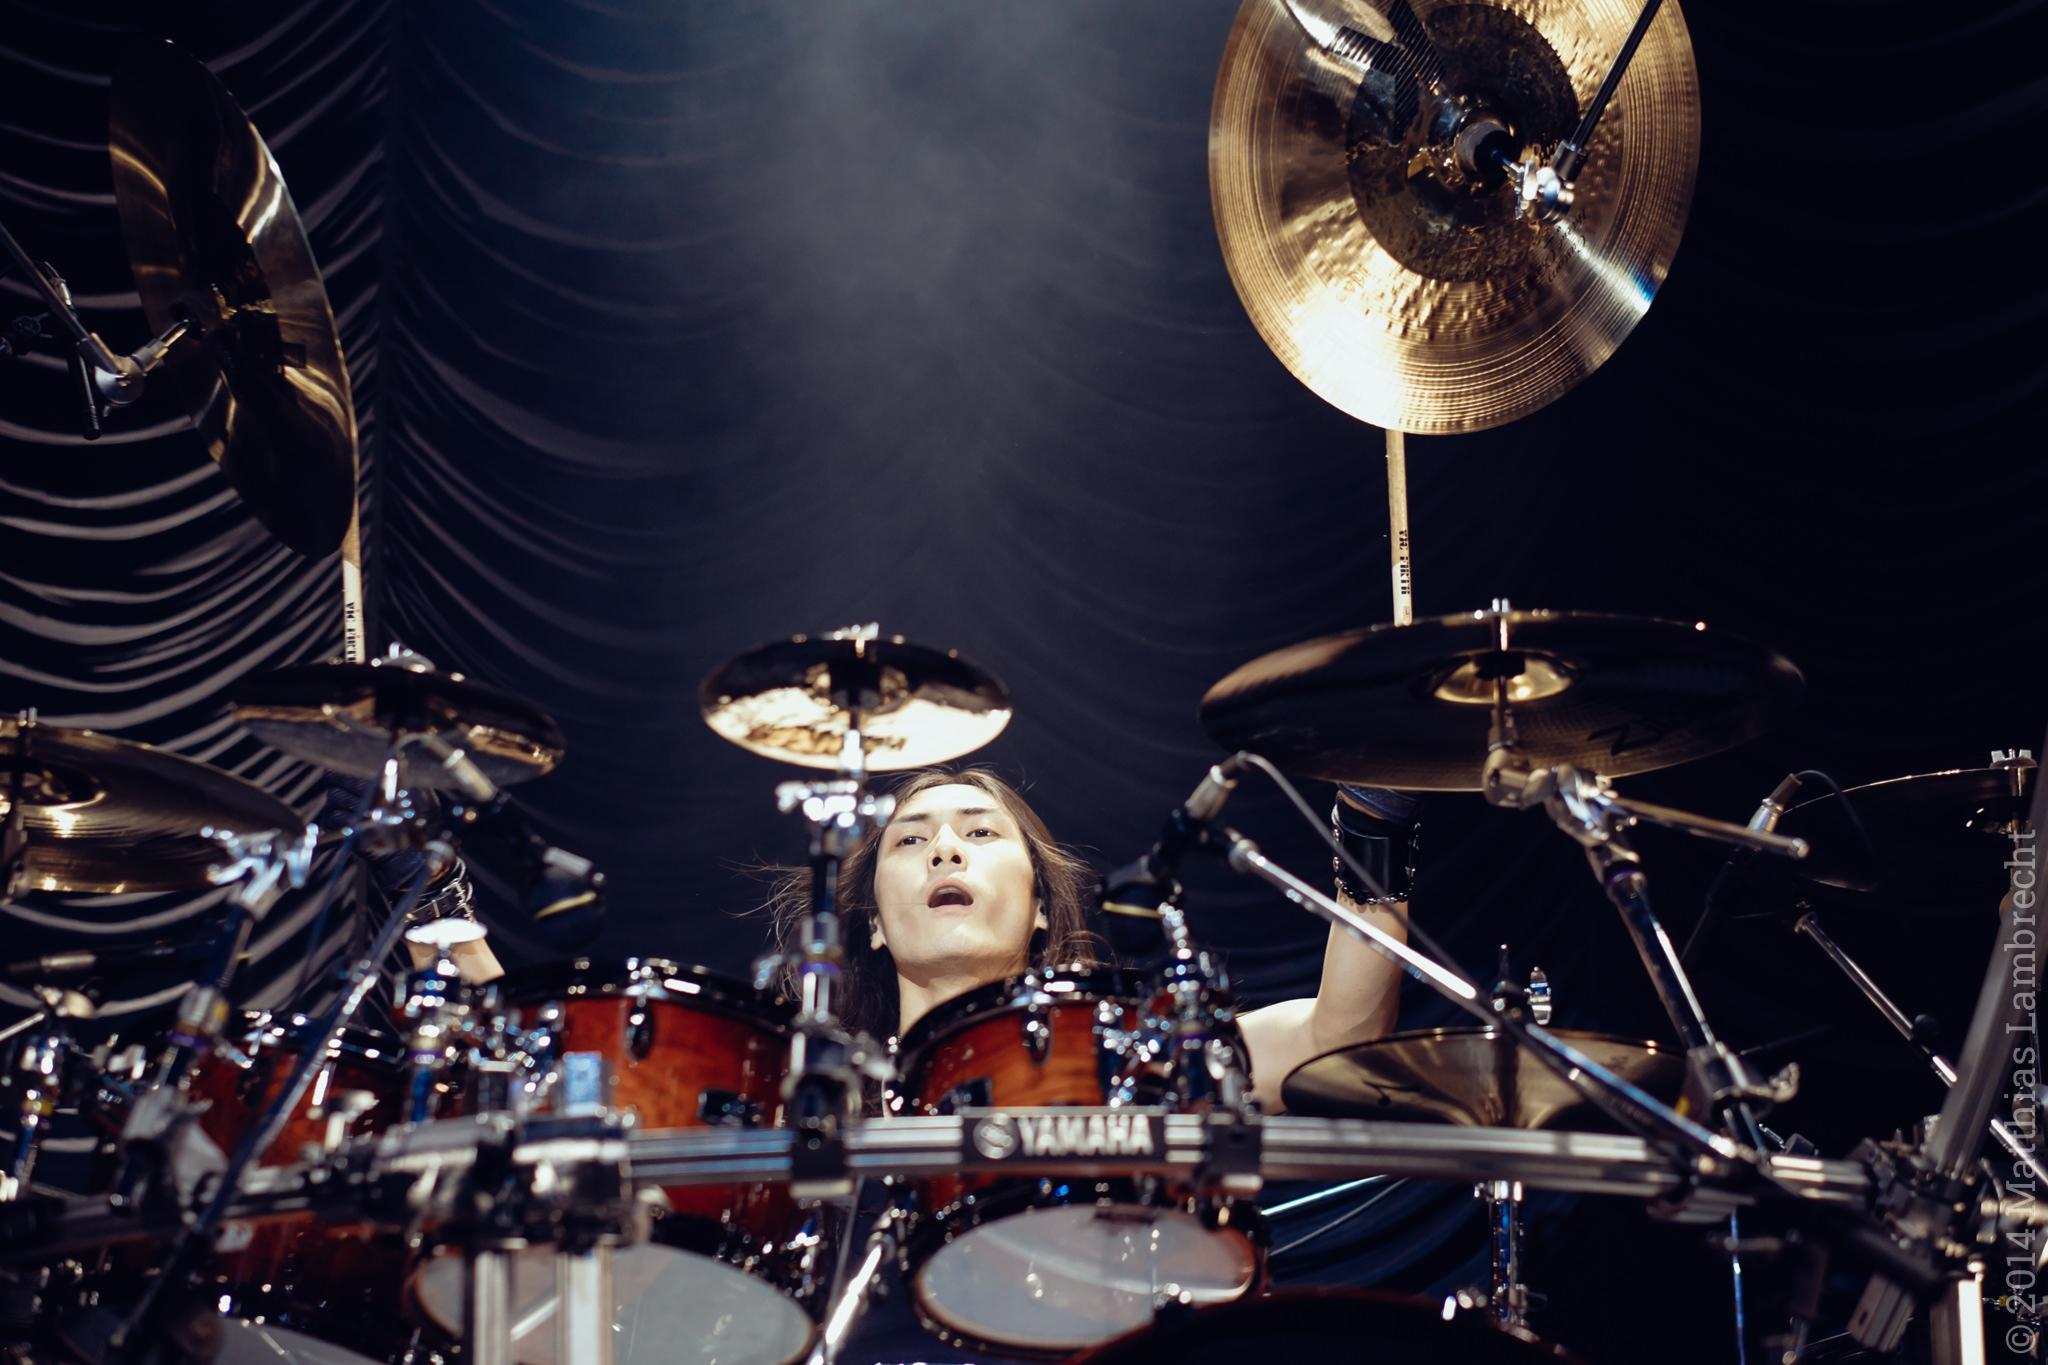 Yosuke. Don't forget the drummer, they said. (Fujifilm X-T1 + Fujinon XF 56mm)